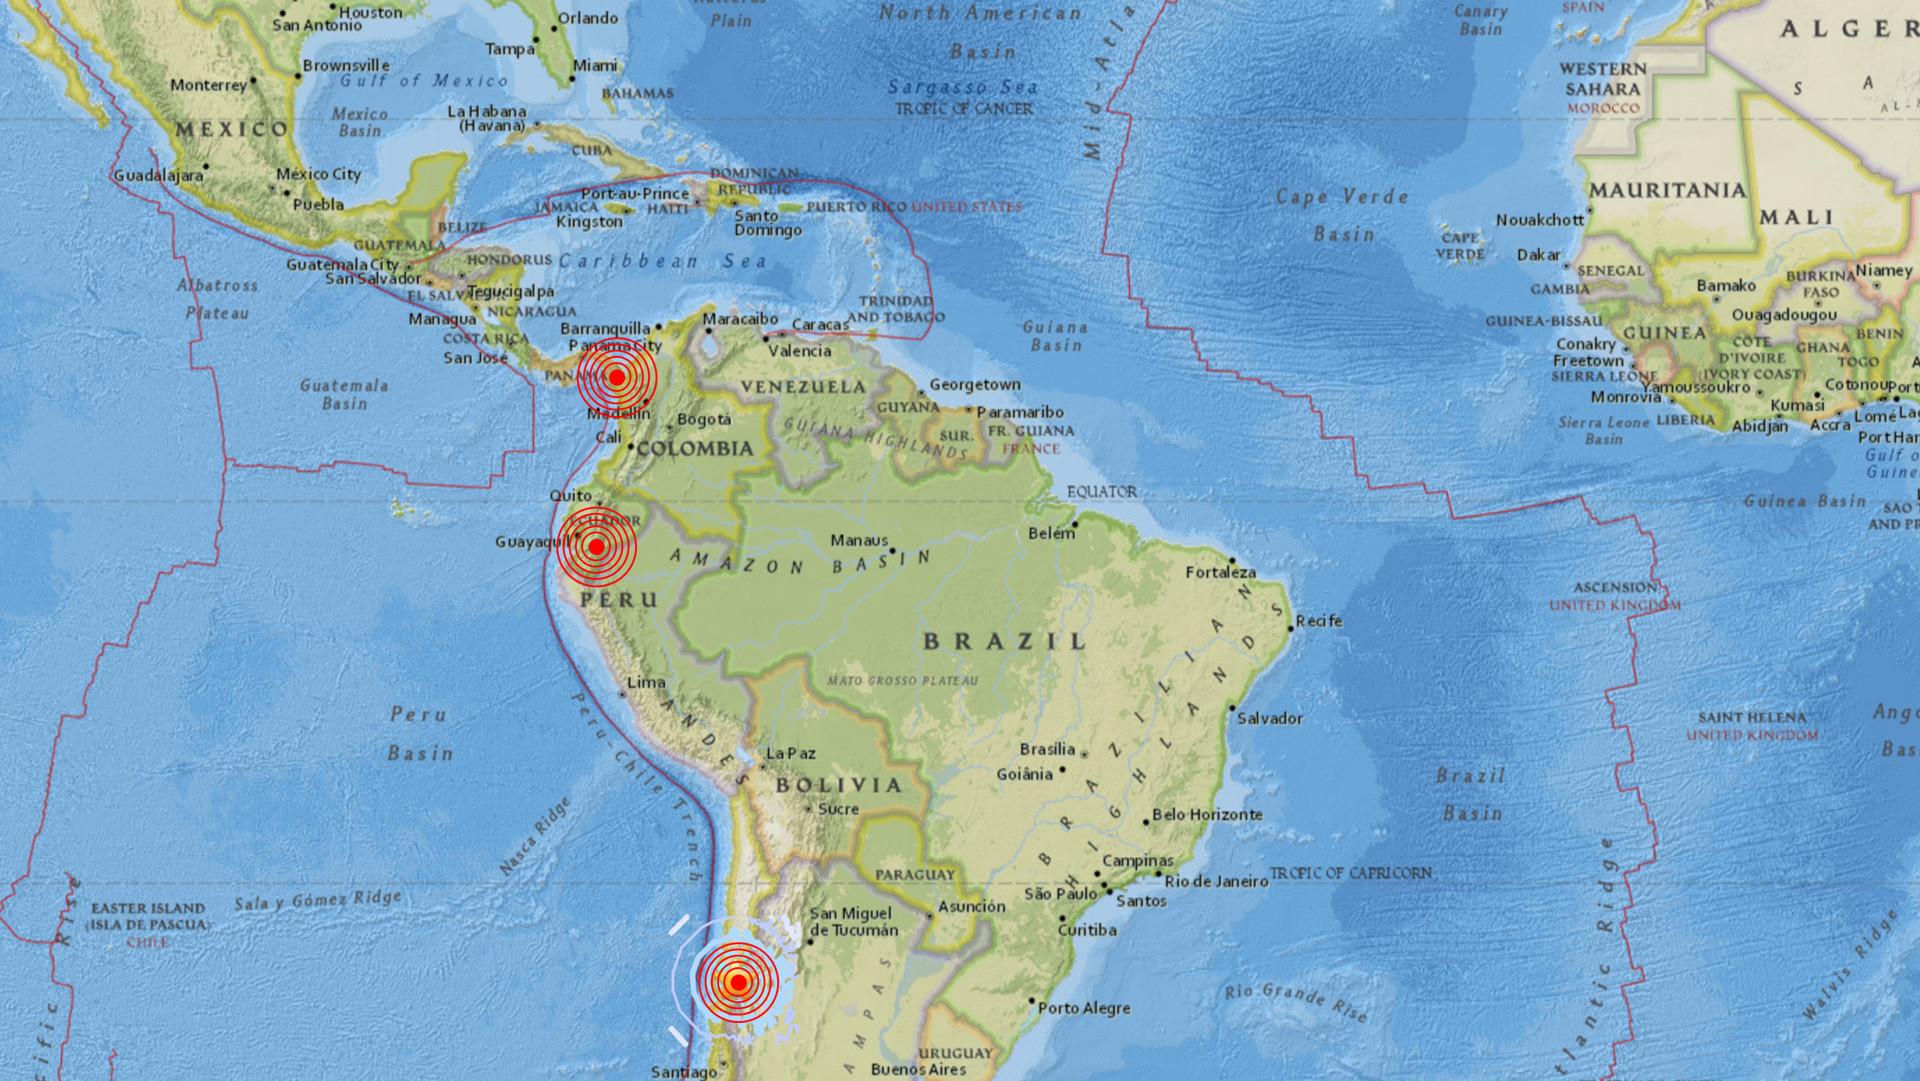 Earthquakes in the World - SEGUIMIENTO MUNDIAL DE SISMOS - Página 28 5b91f2b2e9180f865e8b4569